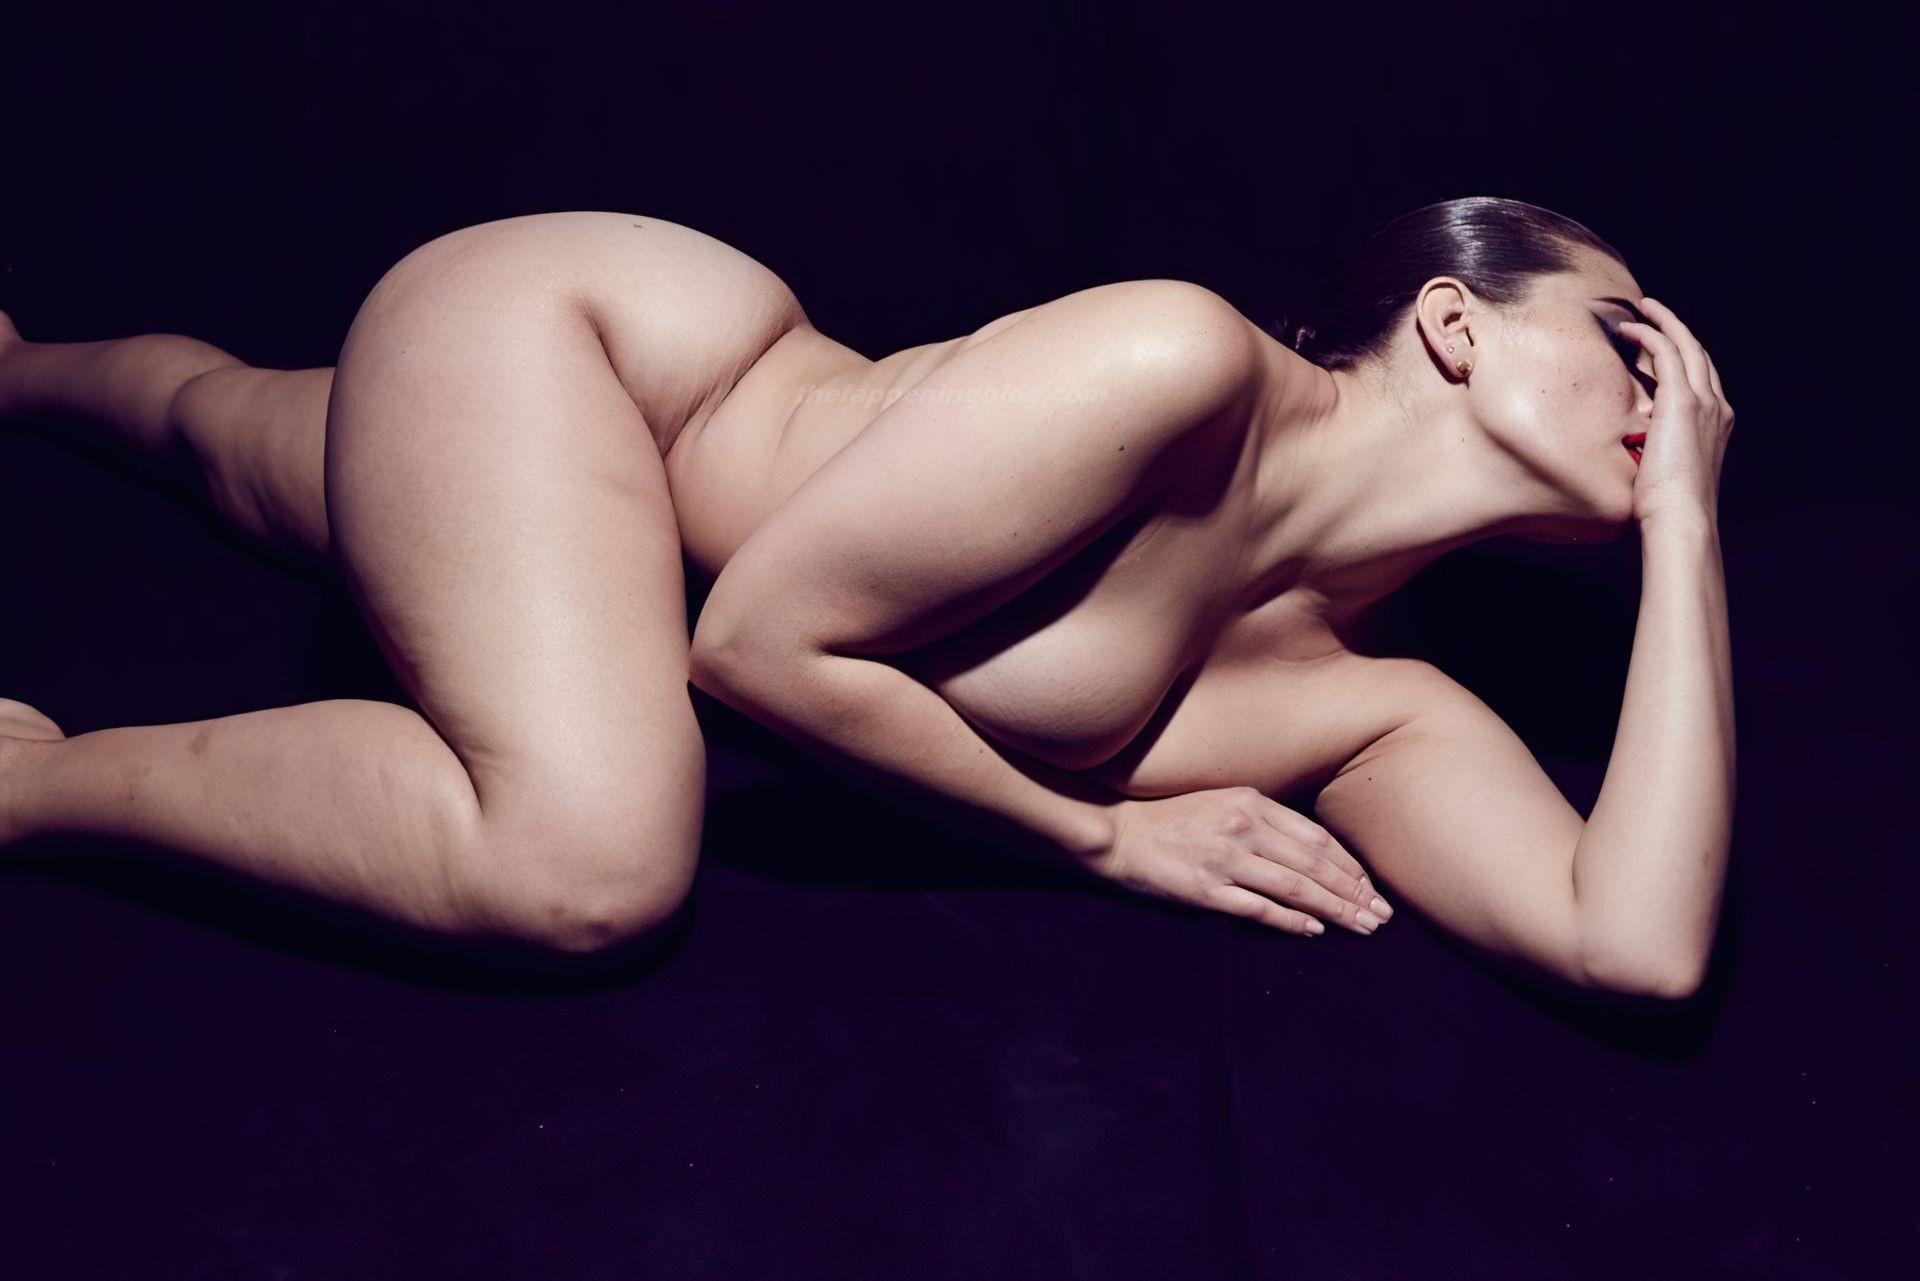 Ashley graham nude leaks